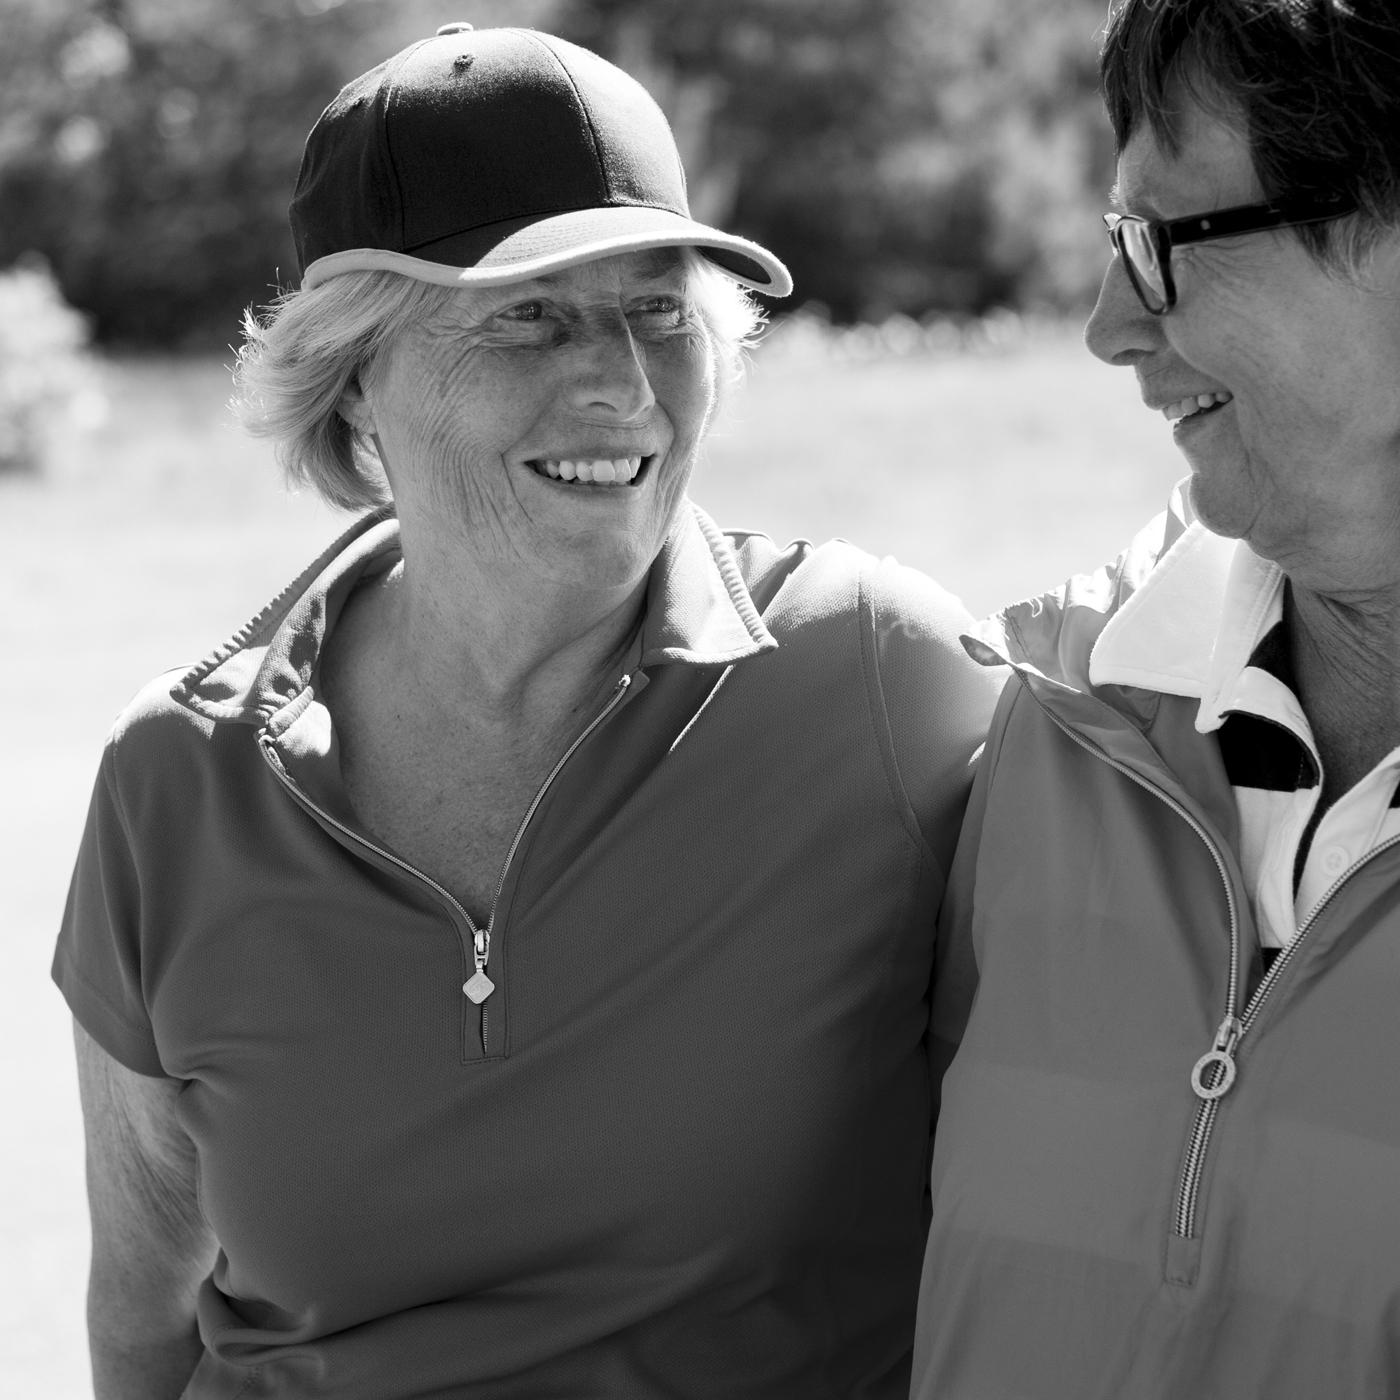 Ladies Weekend - Gillar du att träna och umgås med andra golfdamer? Har du högre mål med din golf än vad du presterar, eller vill du bara få en bra genomkörare av hela spelet? Då är Ladies Weekend den perfekta starten på säsongen!Kursfakta2 dagar med mycket träning, härligt sällskap och god mat.Kursavgift: 1895 kr. Träning, mat och aktiviteter ingår.Kurstillfälle 2019: 31 maj - 1 juni (Dag 1: 14:00-19:00. Dag 2: 09:00-16:00)För anmälan och frågor vänligen kontakta:Martin Bendelin Munkhammar.martin@visbygk.com0498-200939